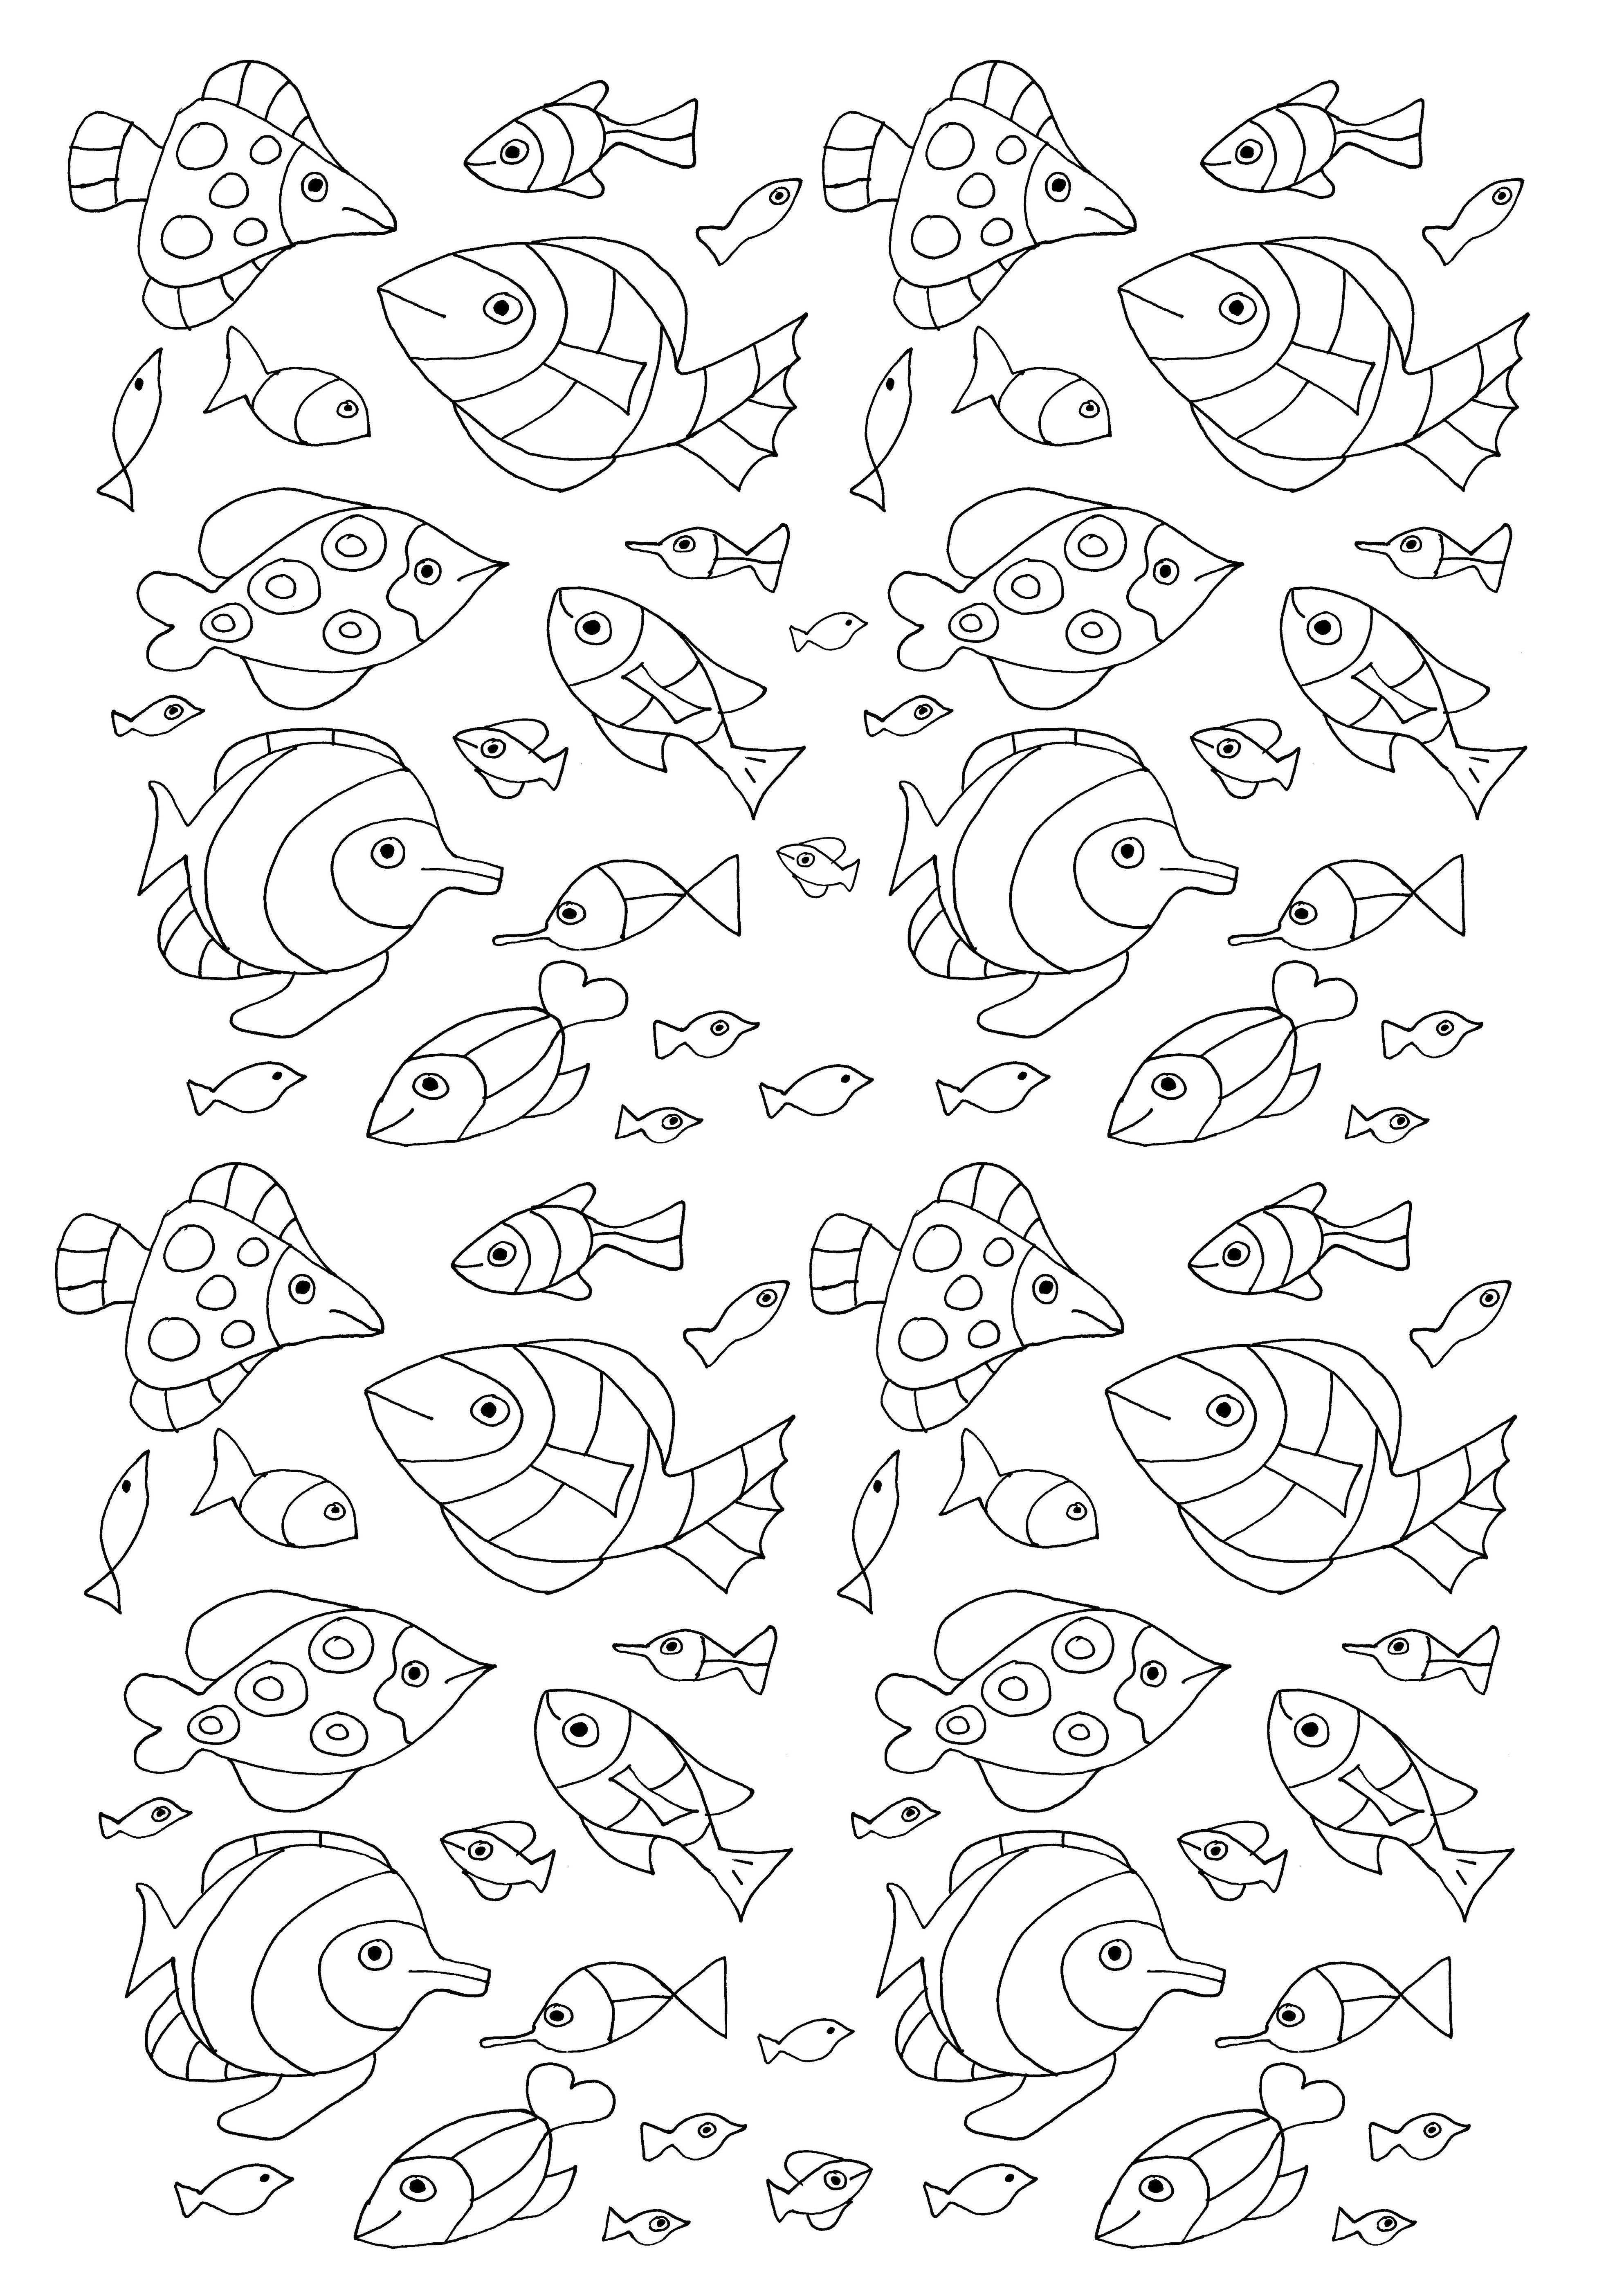 100 petits poissons à coloriage | A partir de la galerie : Animaux | Artiste : Olivier